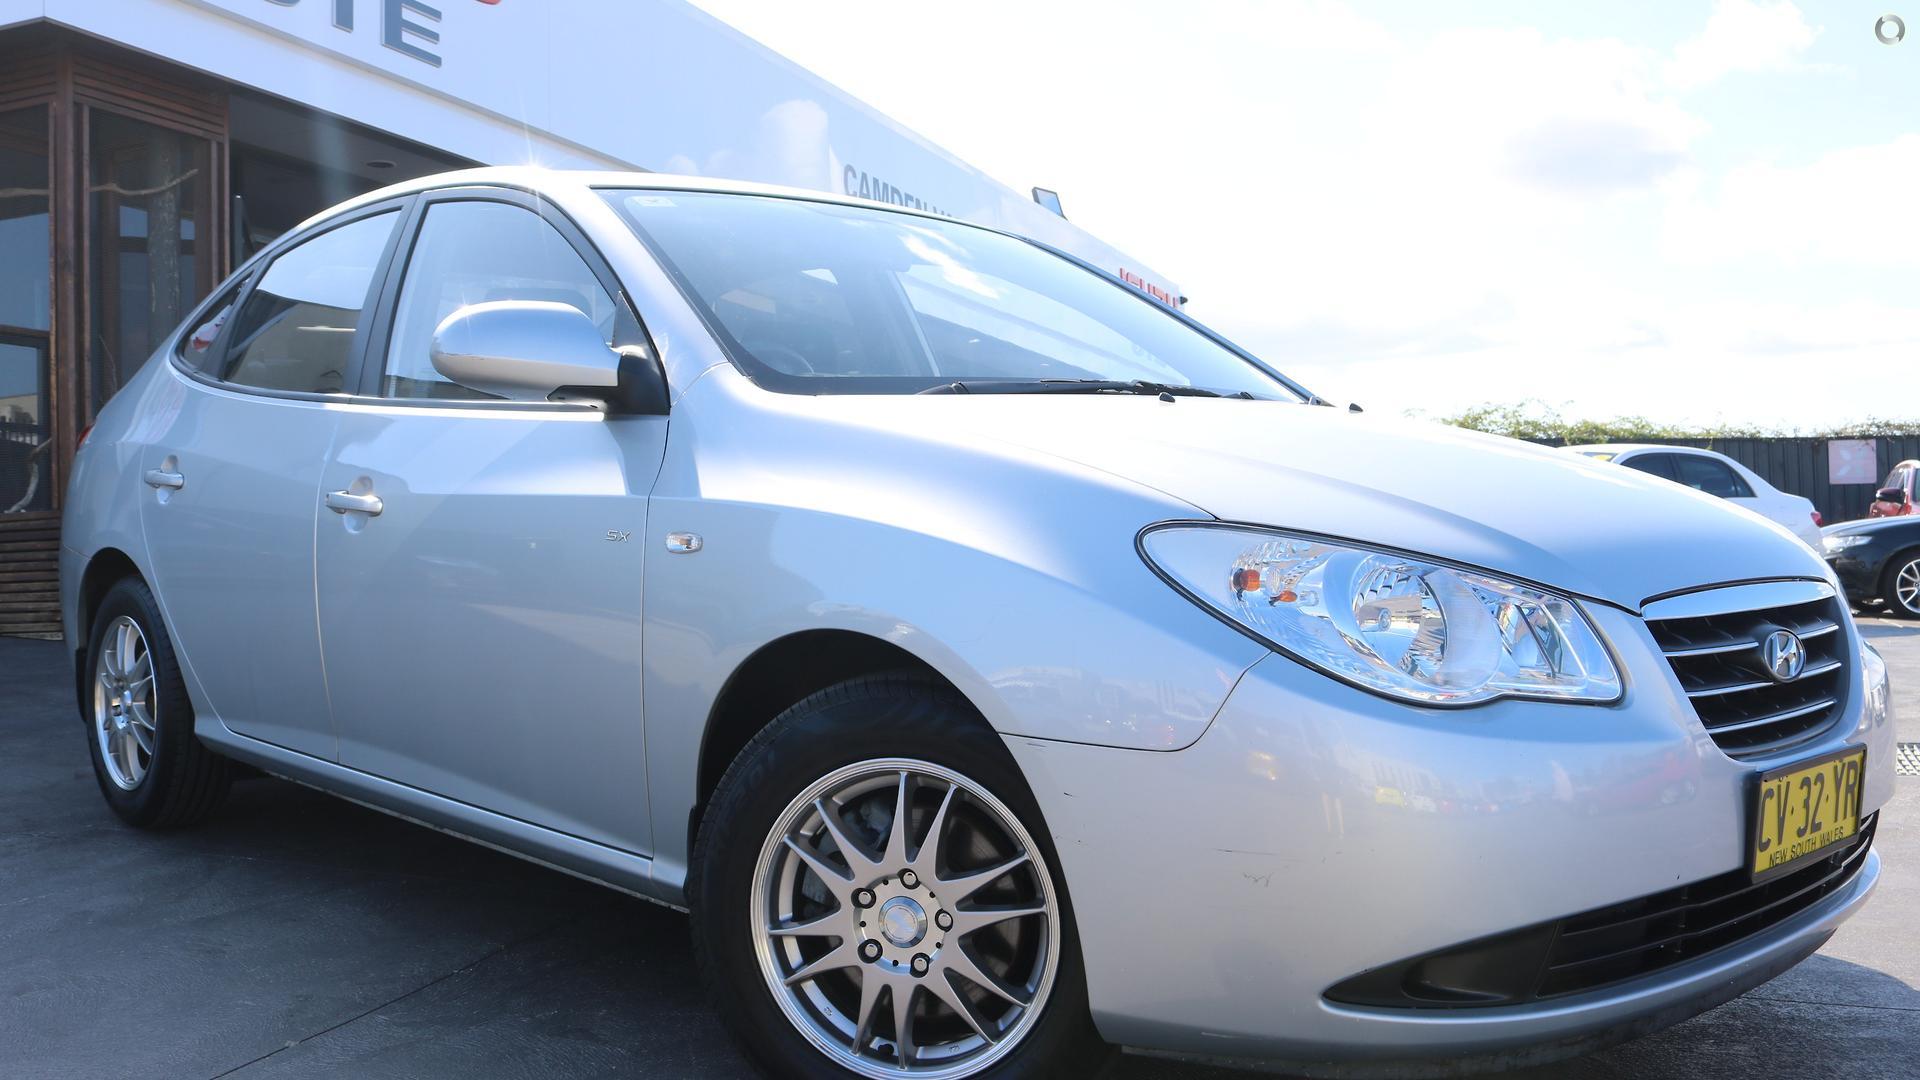 2006 Hyundai Elantra Elite XD